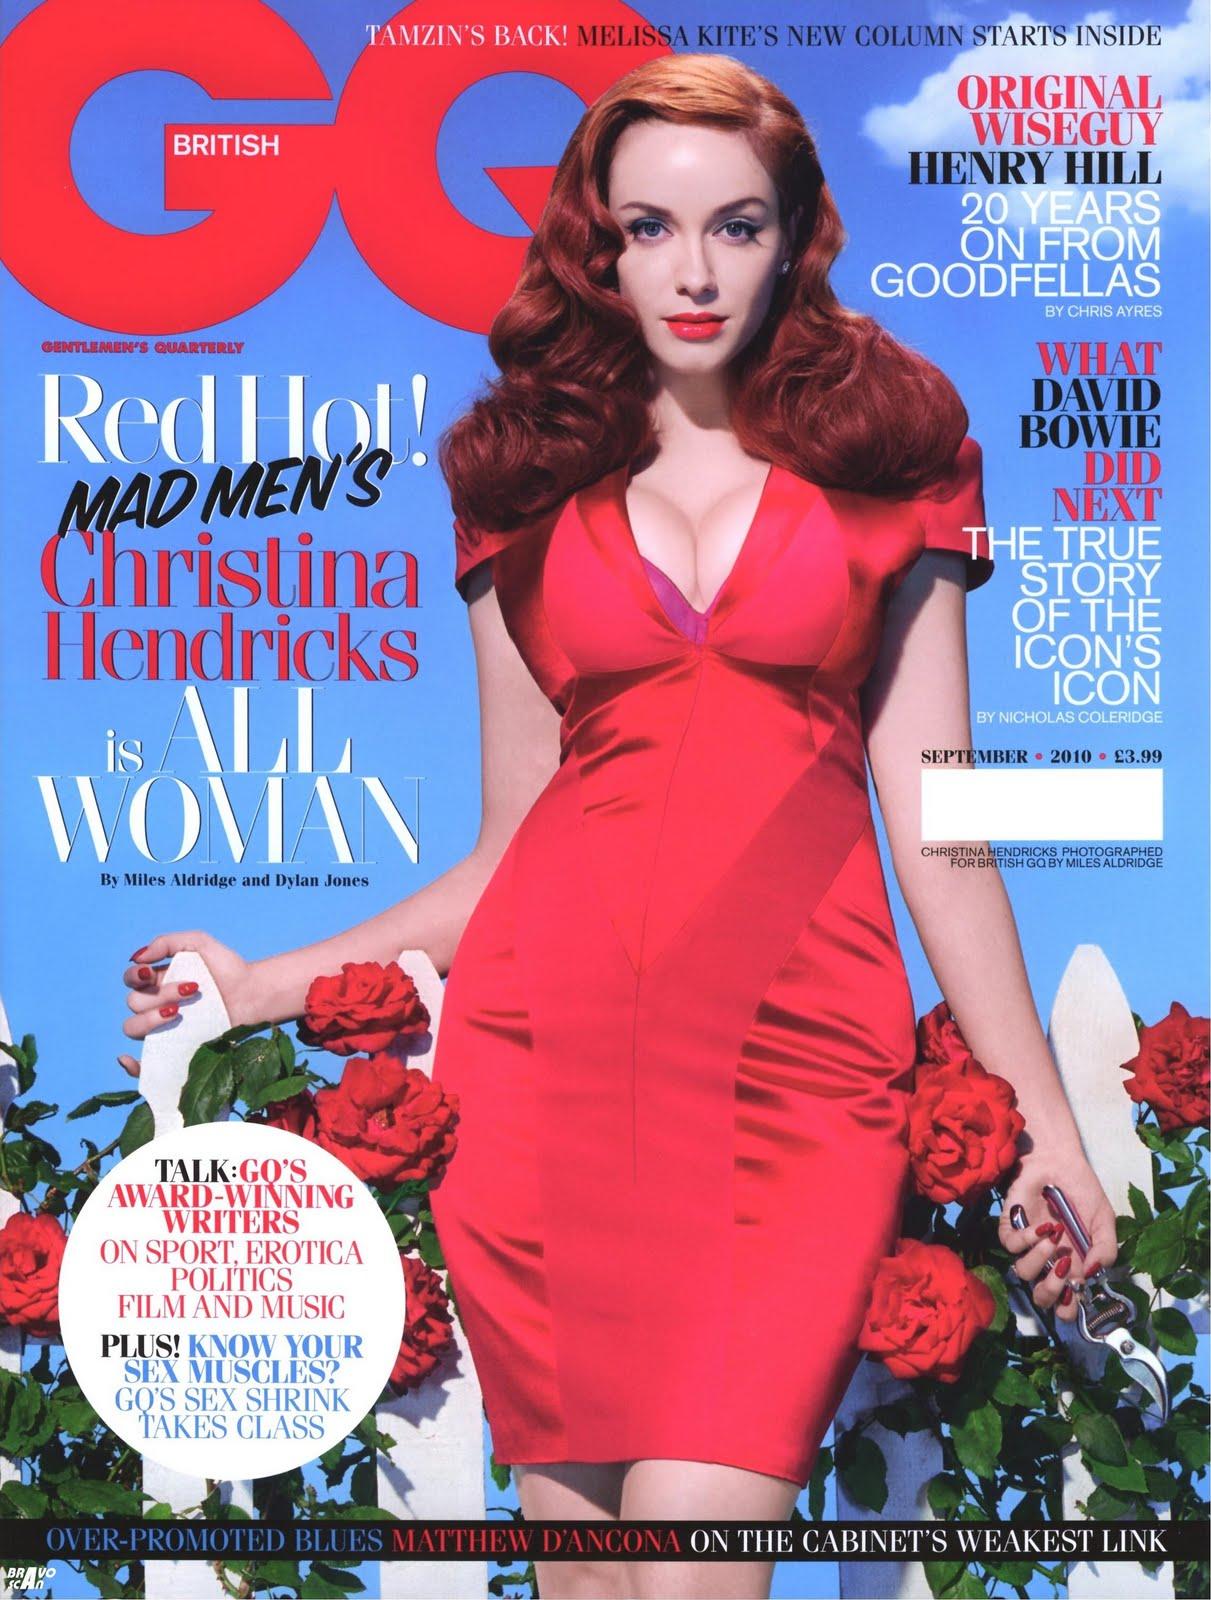 http://2.bp.blogspot.com/_WOeJy8BP25I/TG0x7UhFLiI/AAAAAAAAAIw/9CqAU6zAsIw/s1600/65125_Christina_Hendricks_GQ_Magazine_1_122_175lo.jpg